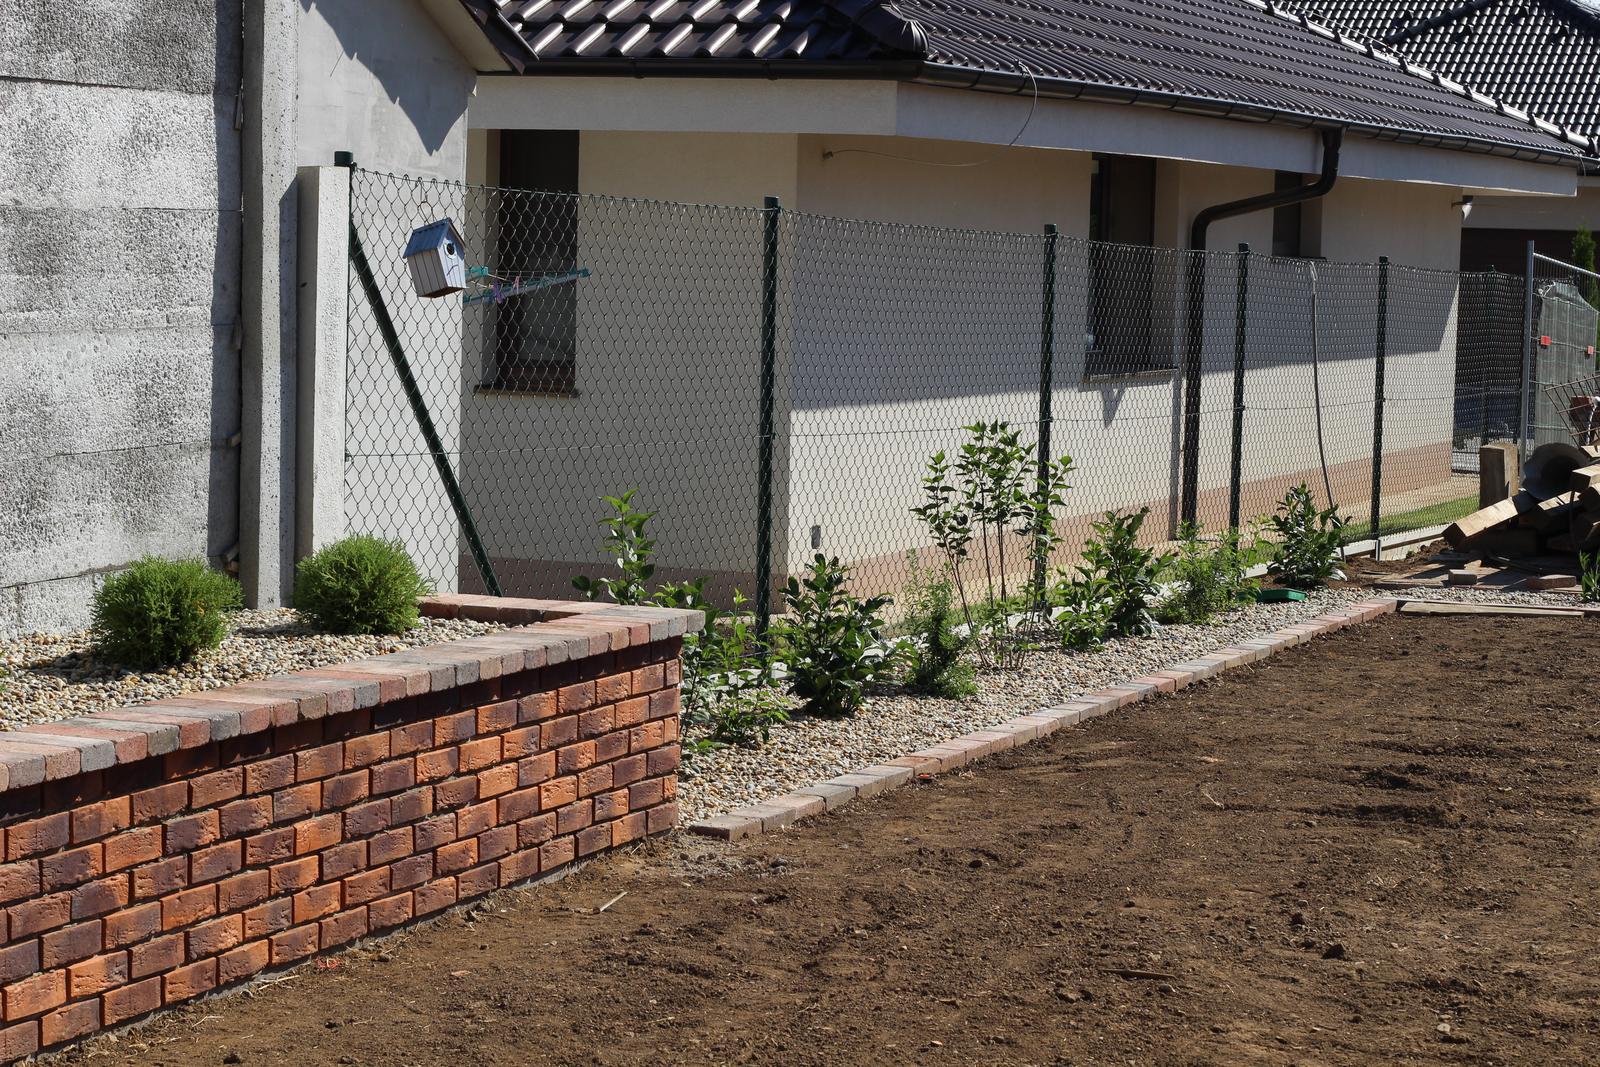 Exteriér - záhrada - Pri plote zlatý dážď, orgován, vavrínovec, tavoľník...